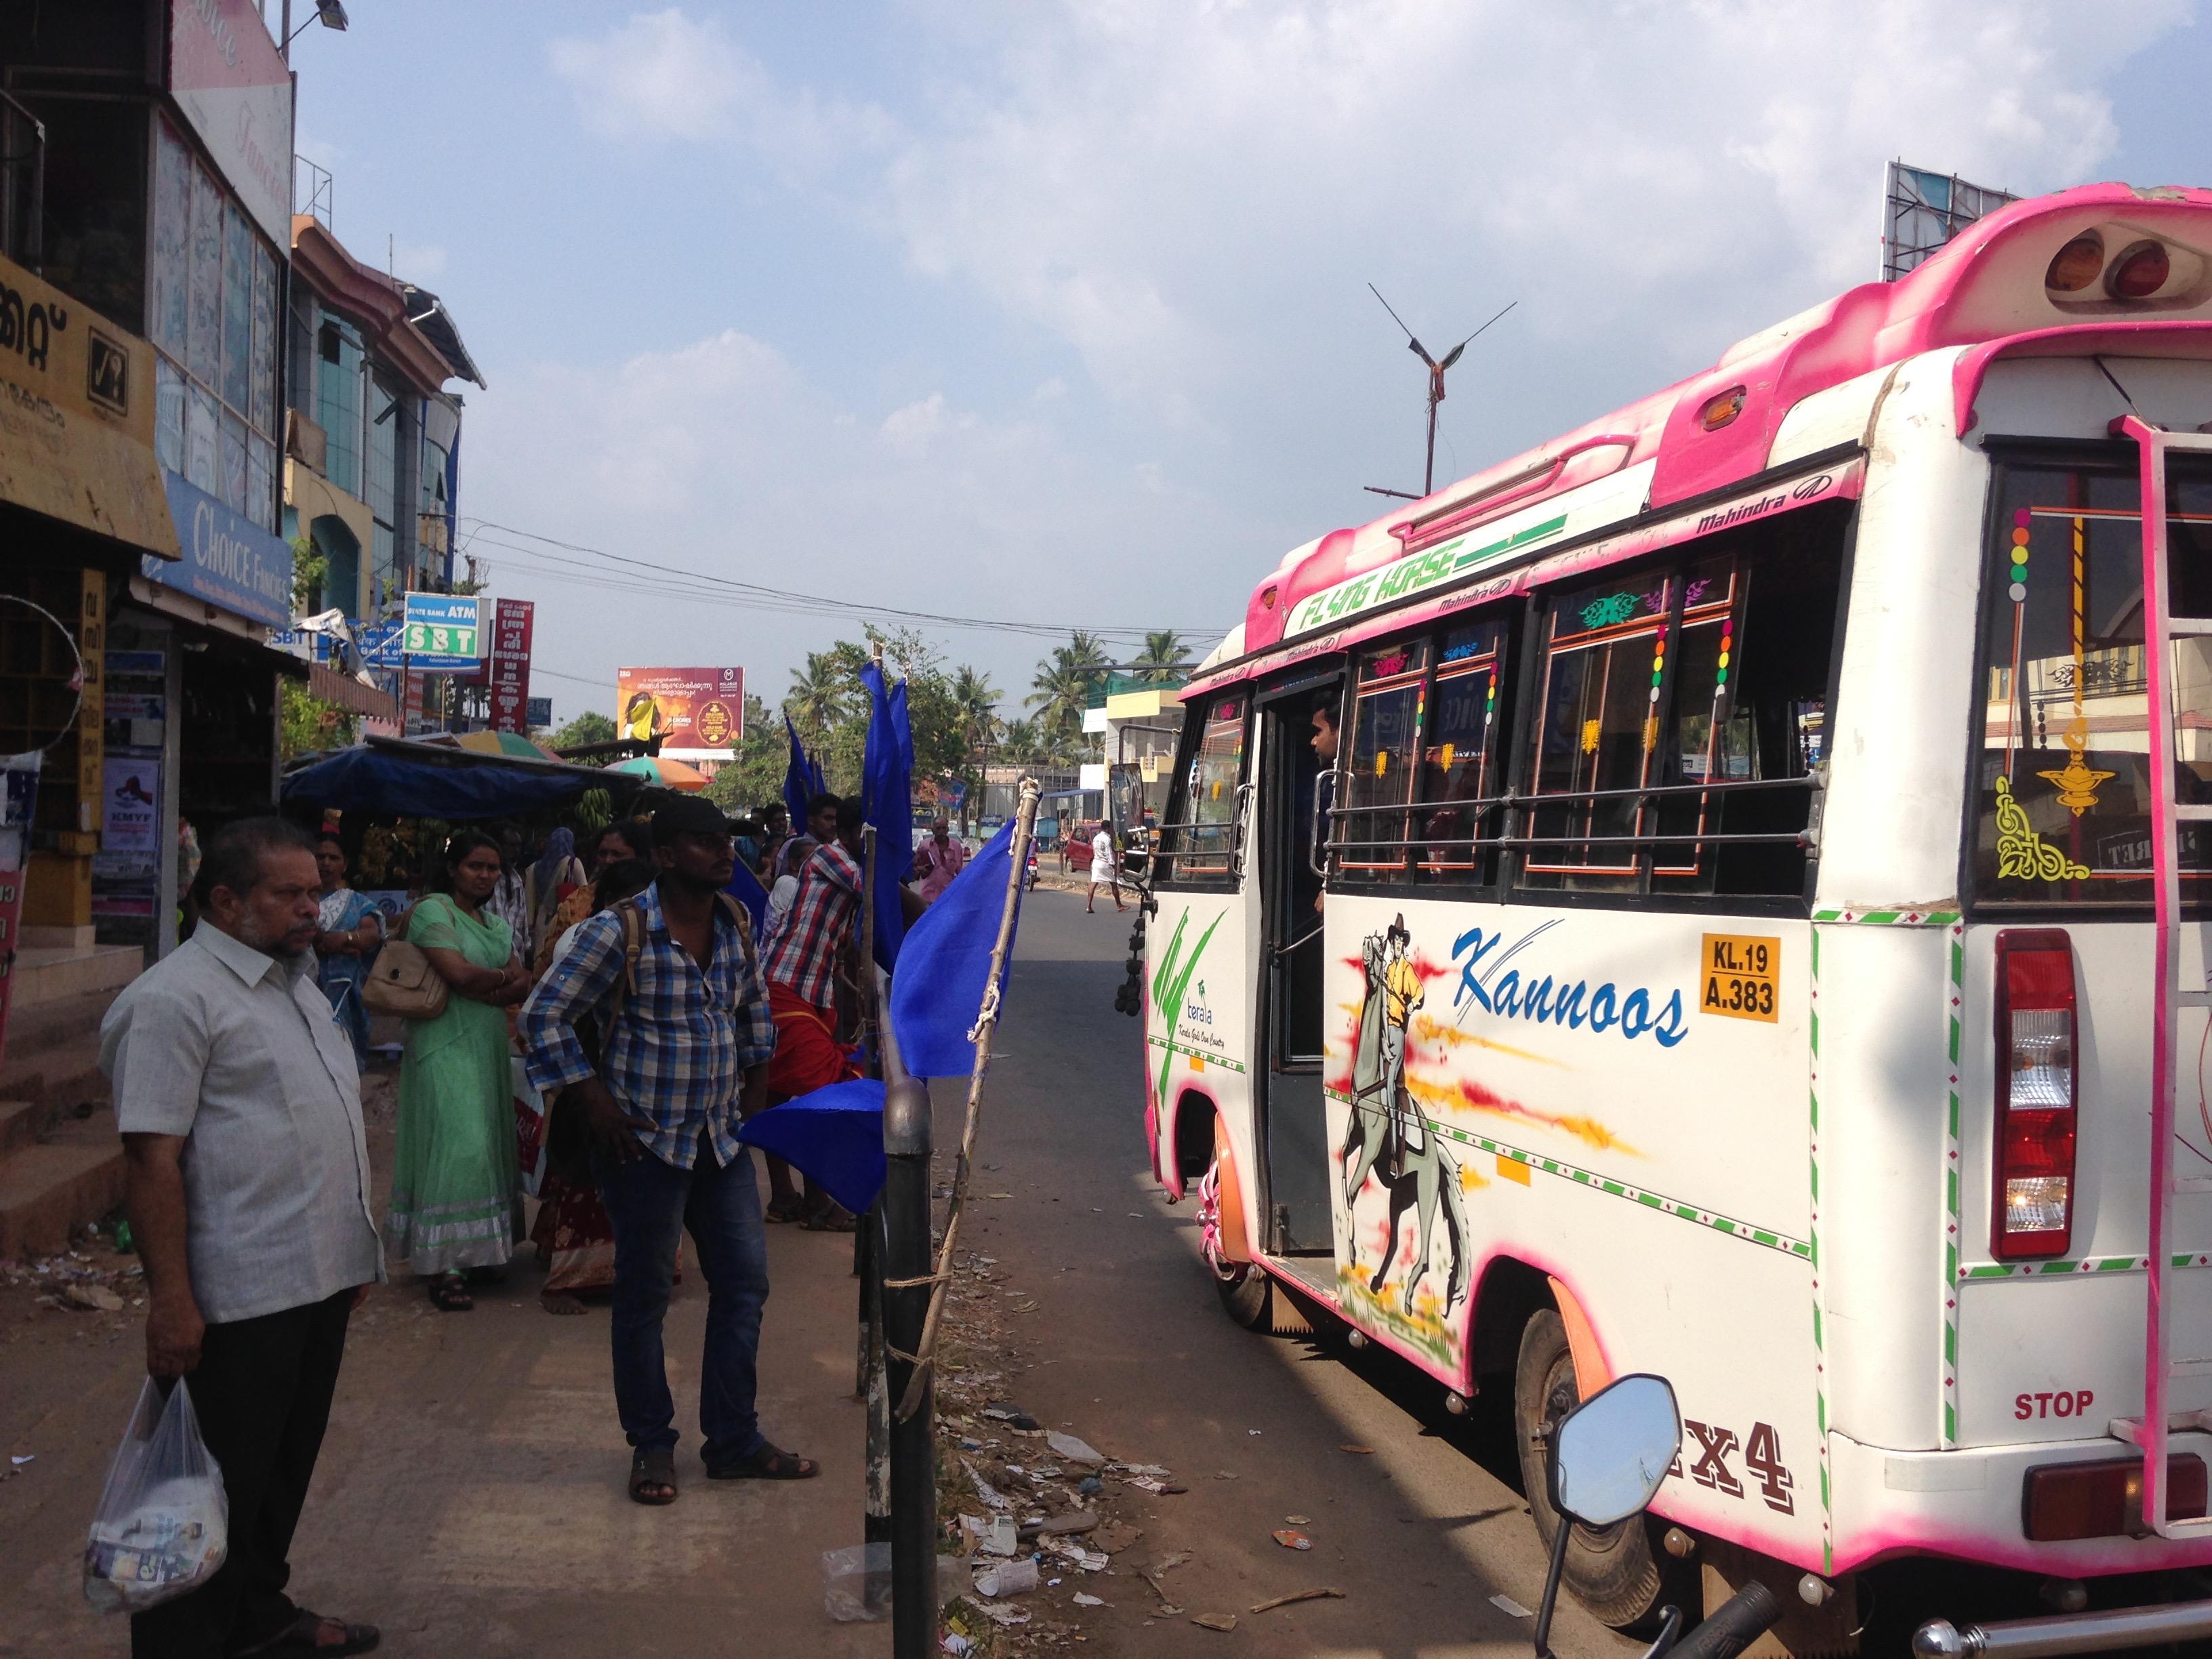 カニャクマリ バルカラ 移動 ローカル バス 路上 バス停